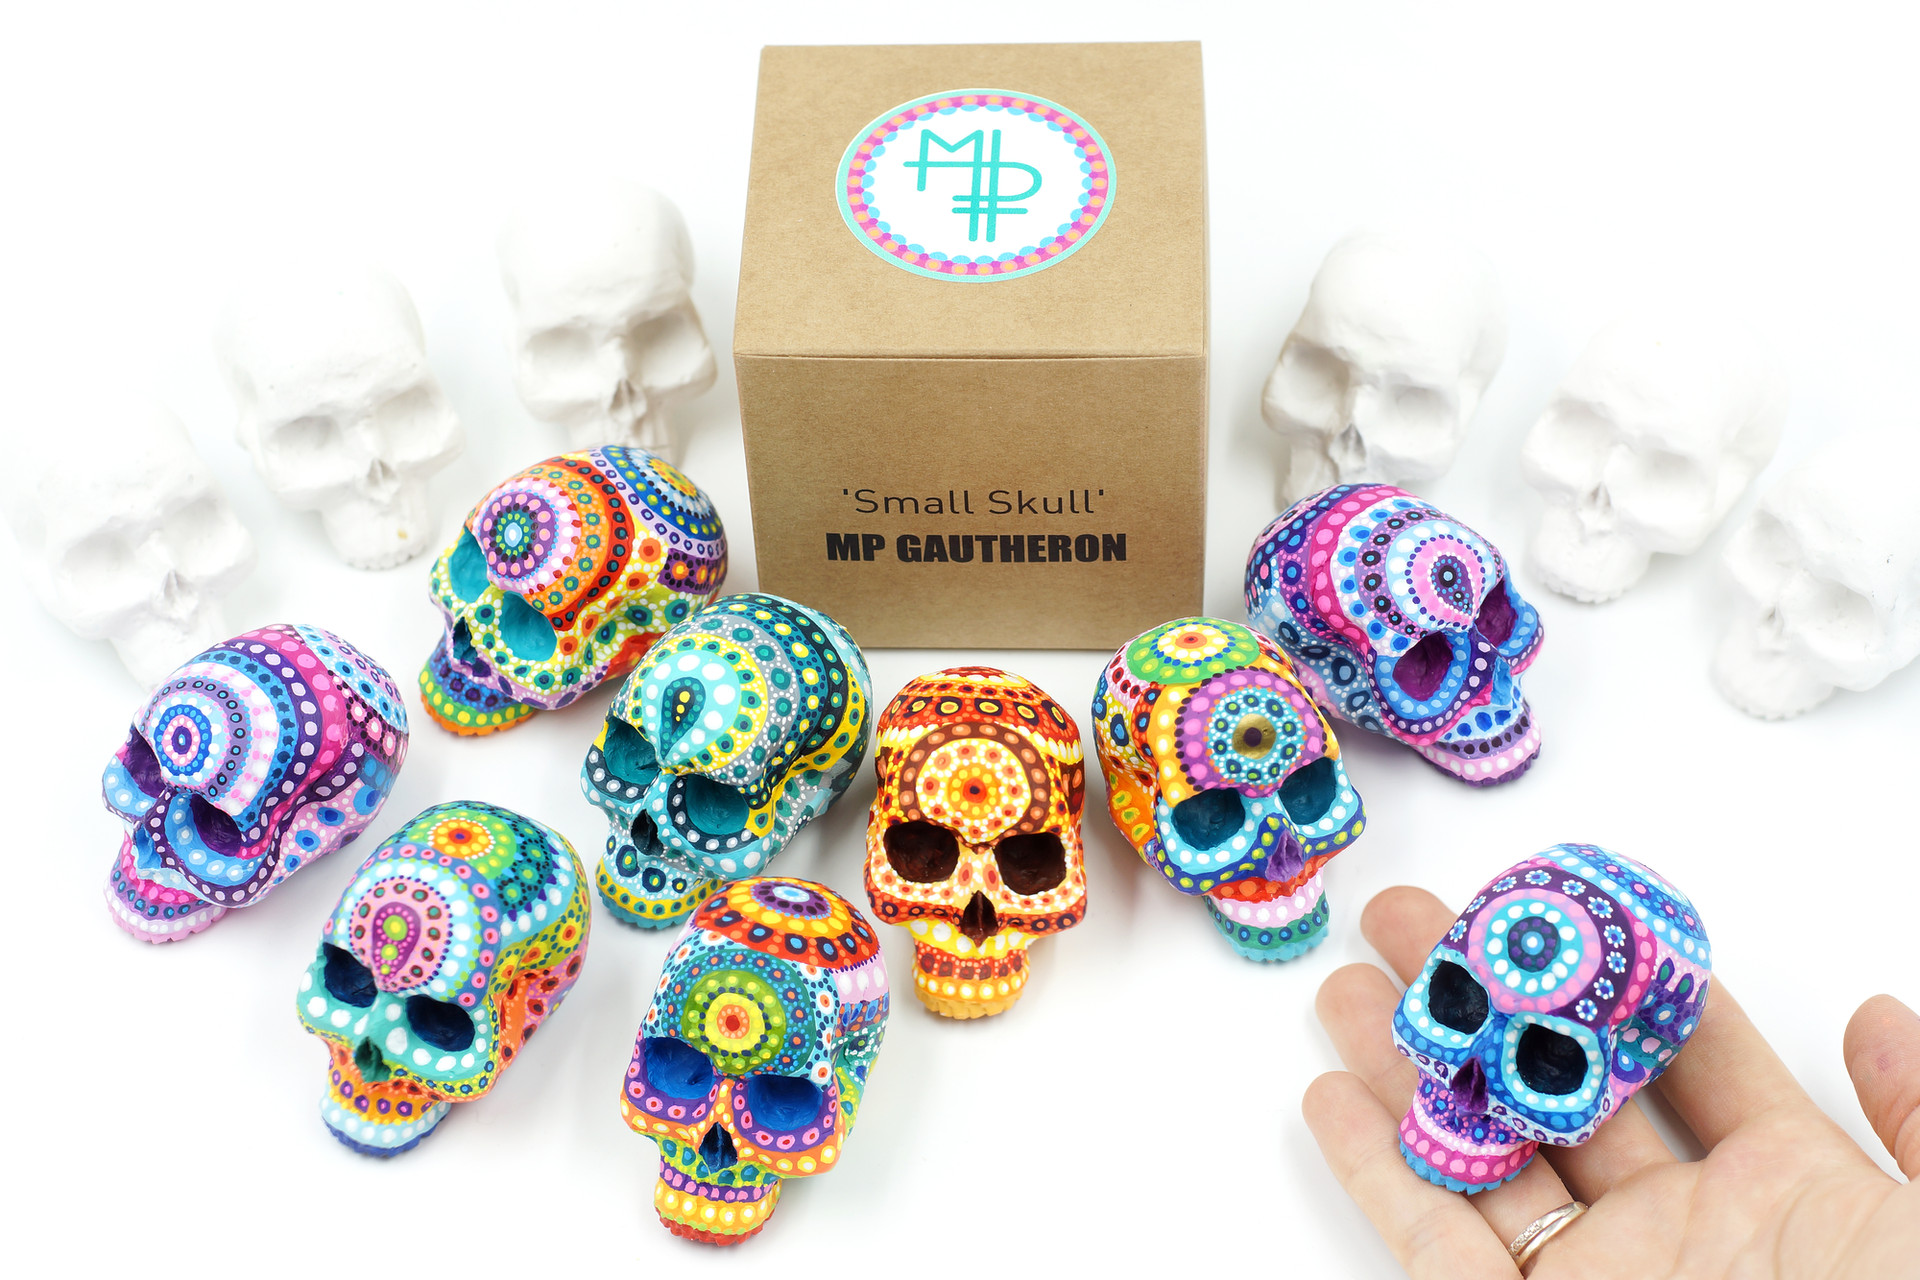 mpgautheron-small-skull-ensemble-04.jpg